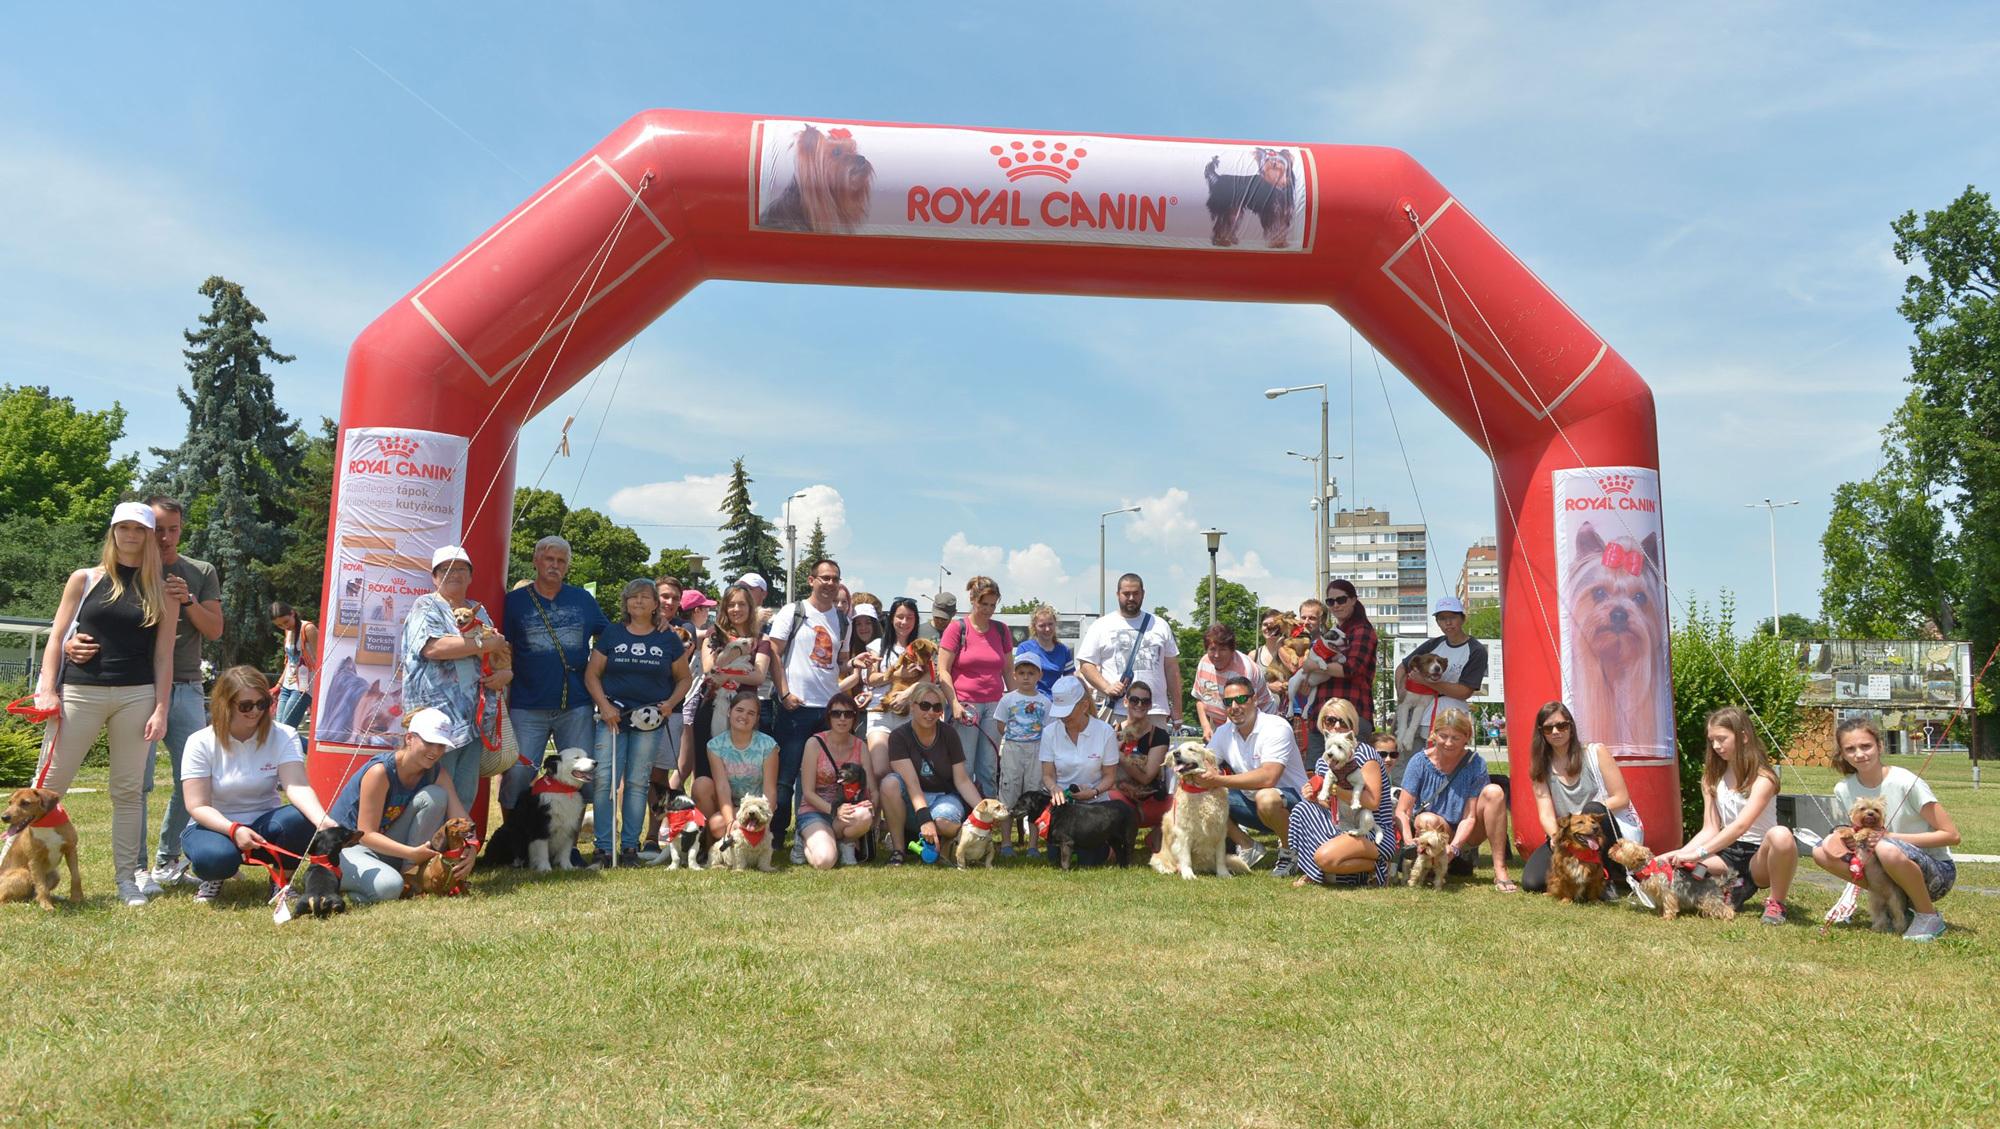 Résztvevők Royal Canin DogWalk